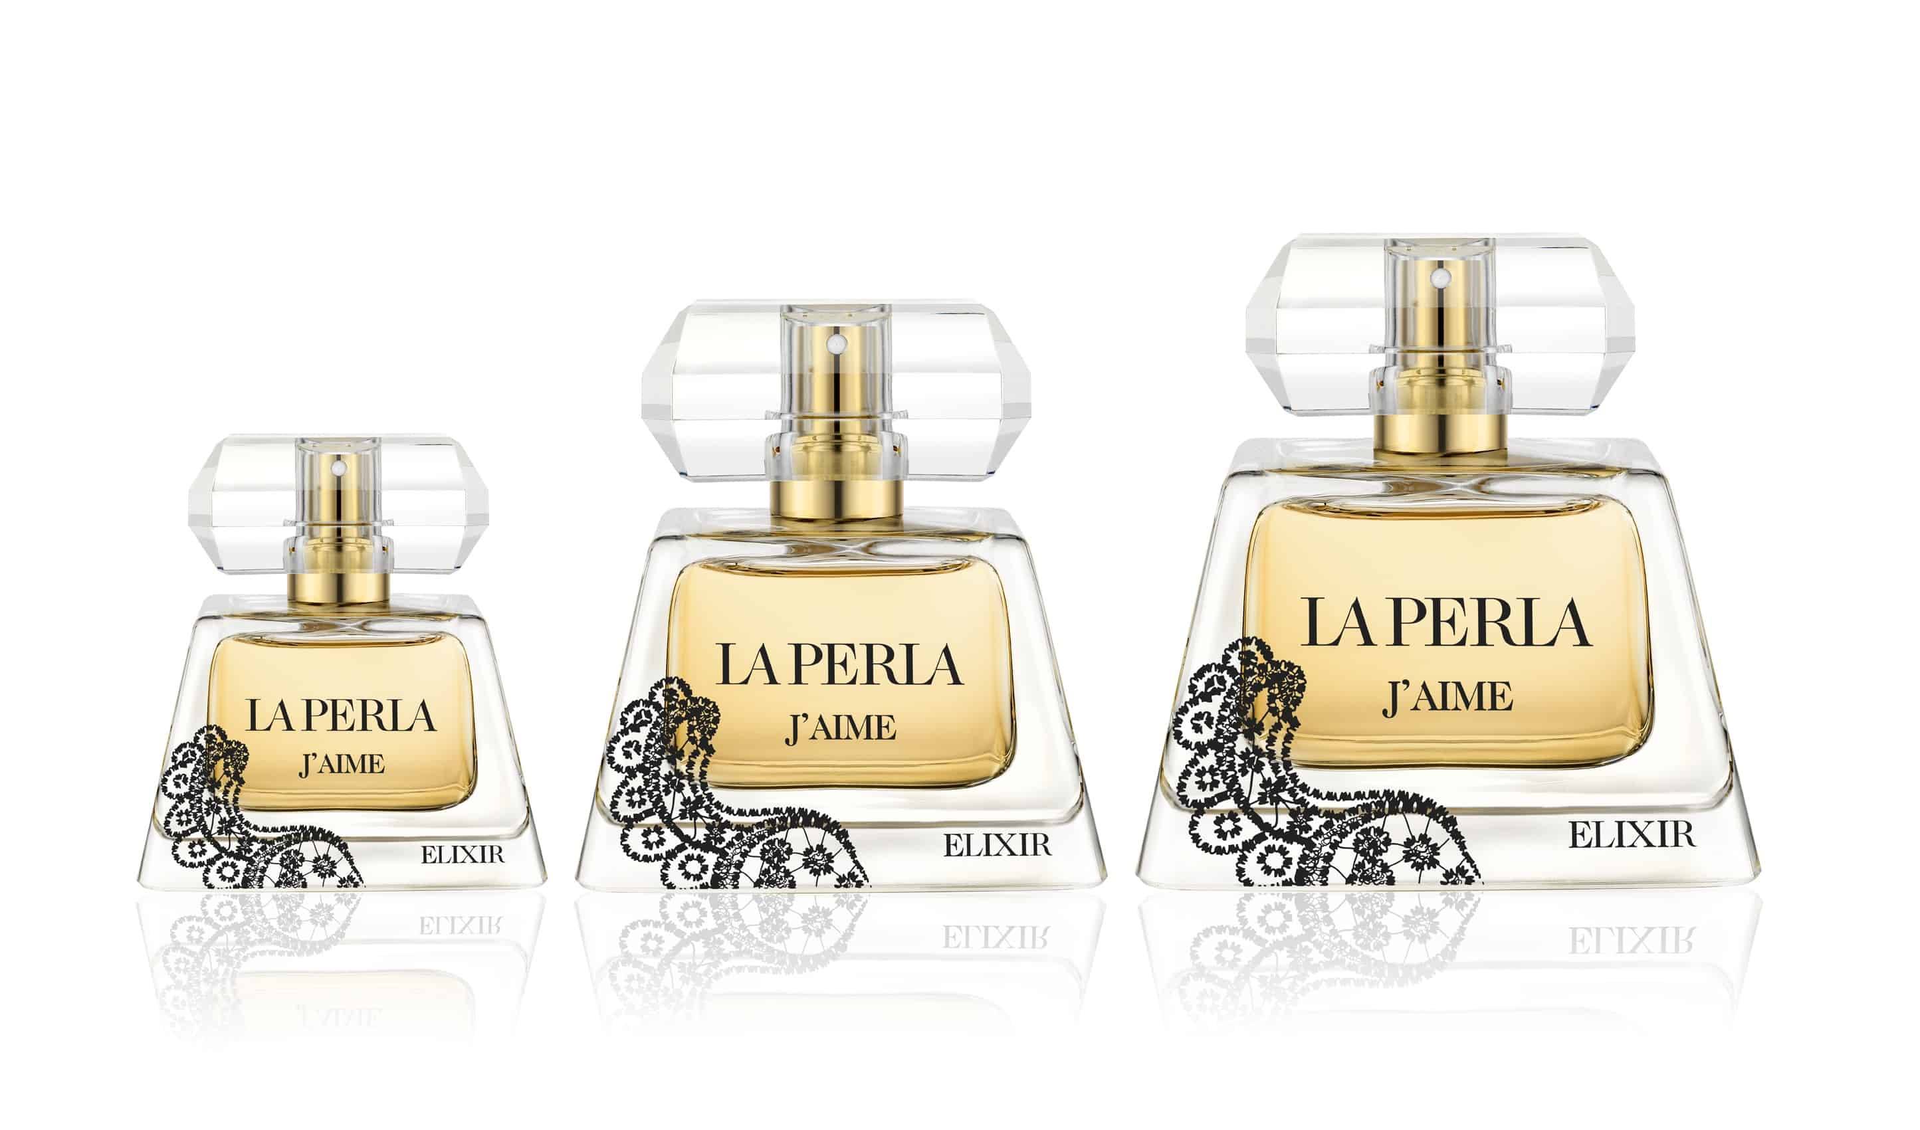 J'AIME ELIXIR di La Perla, una fragranza seducente e misteriosa